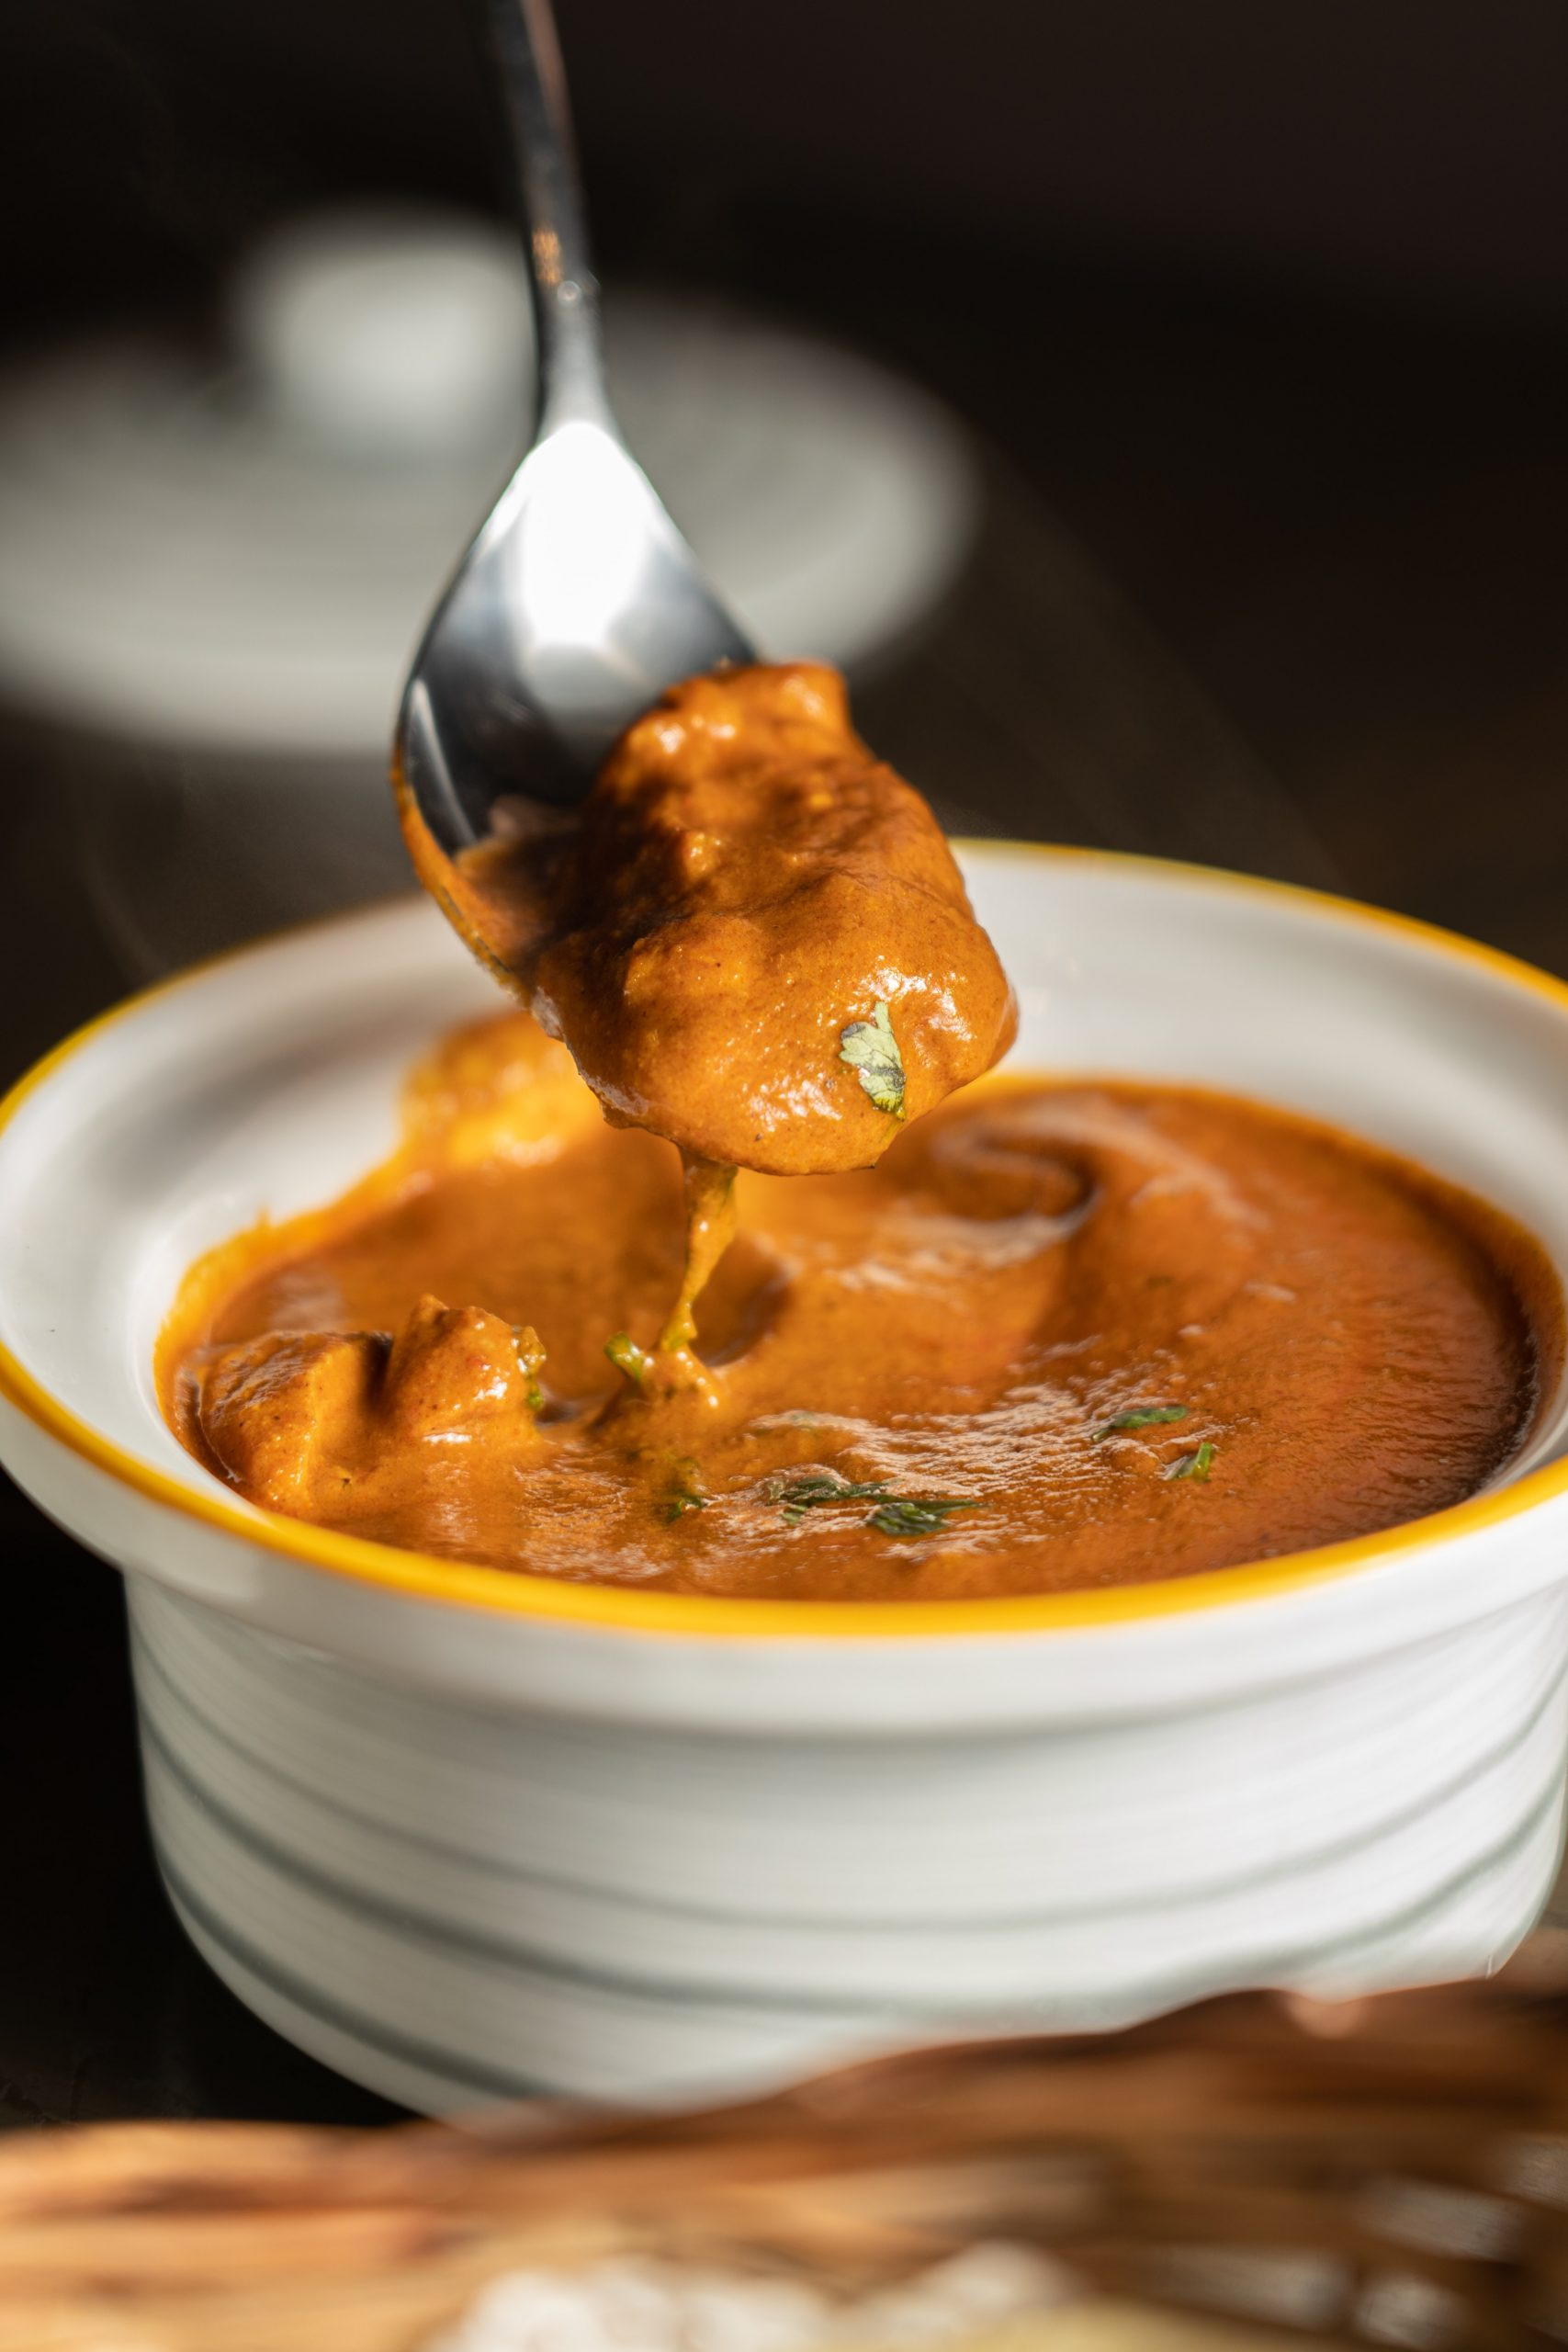 pushpak dsilva e75FKtu30fQ unsplash scaled - Super lecker! Rezept für ein selbstgemachtes veganes Curry